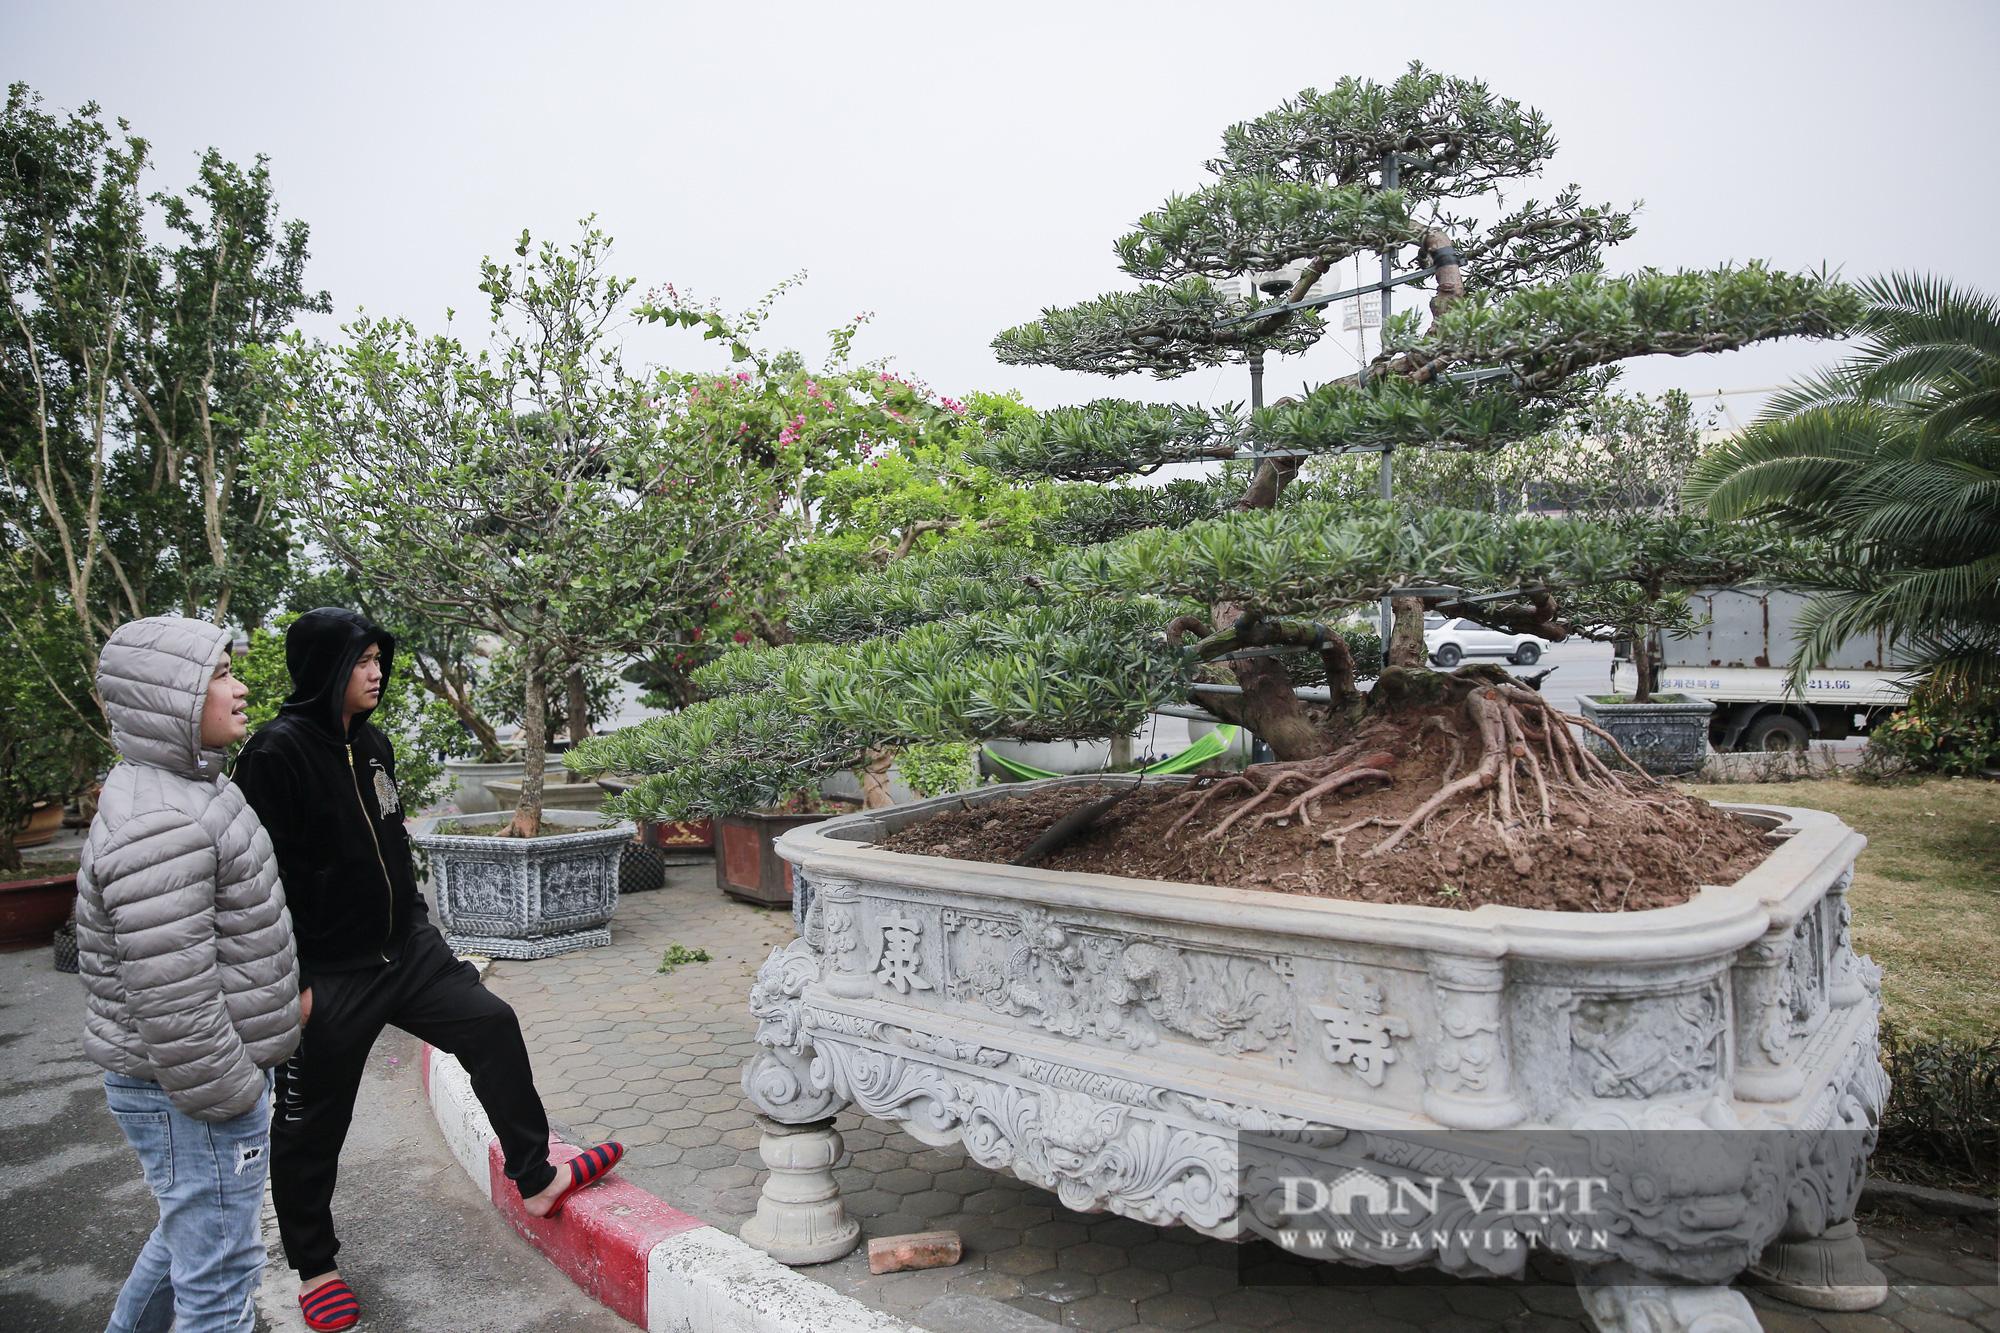 Mãn nhãn với những chậu bonsai quý hiếm tại Festival Sinh vật cảnh Hà Nội - Ảnh 8.